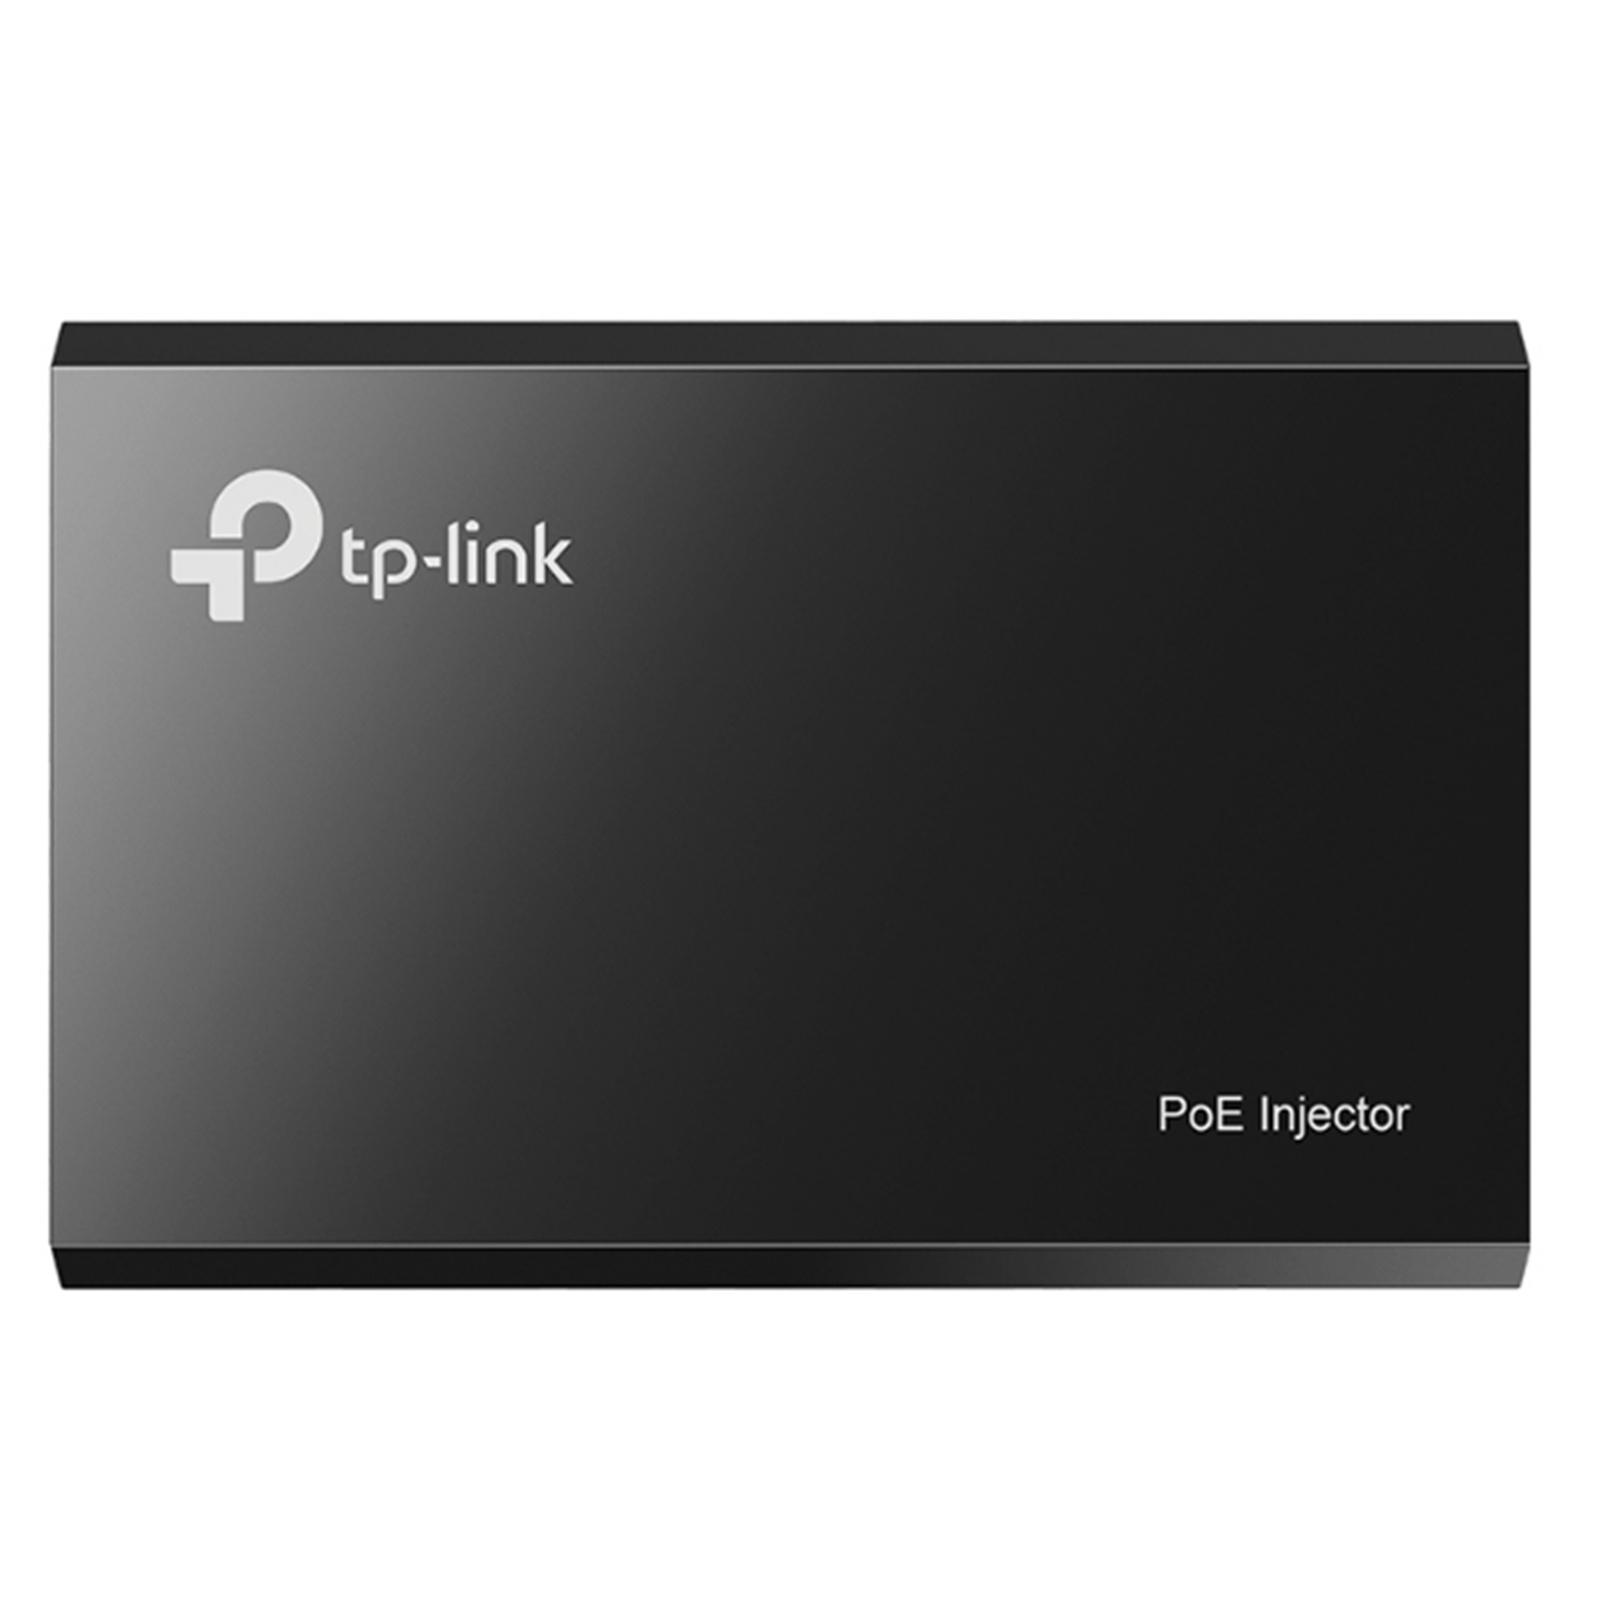 Buy the TP-Link TL-POE150S Gigabit PoE Injector, 802 3af / 15 4W